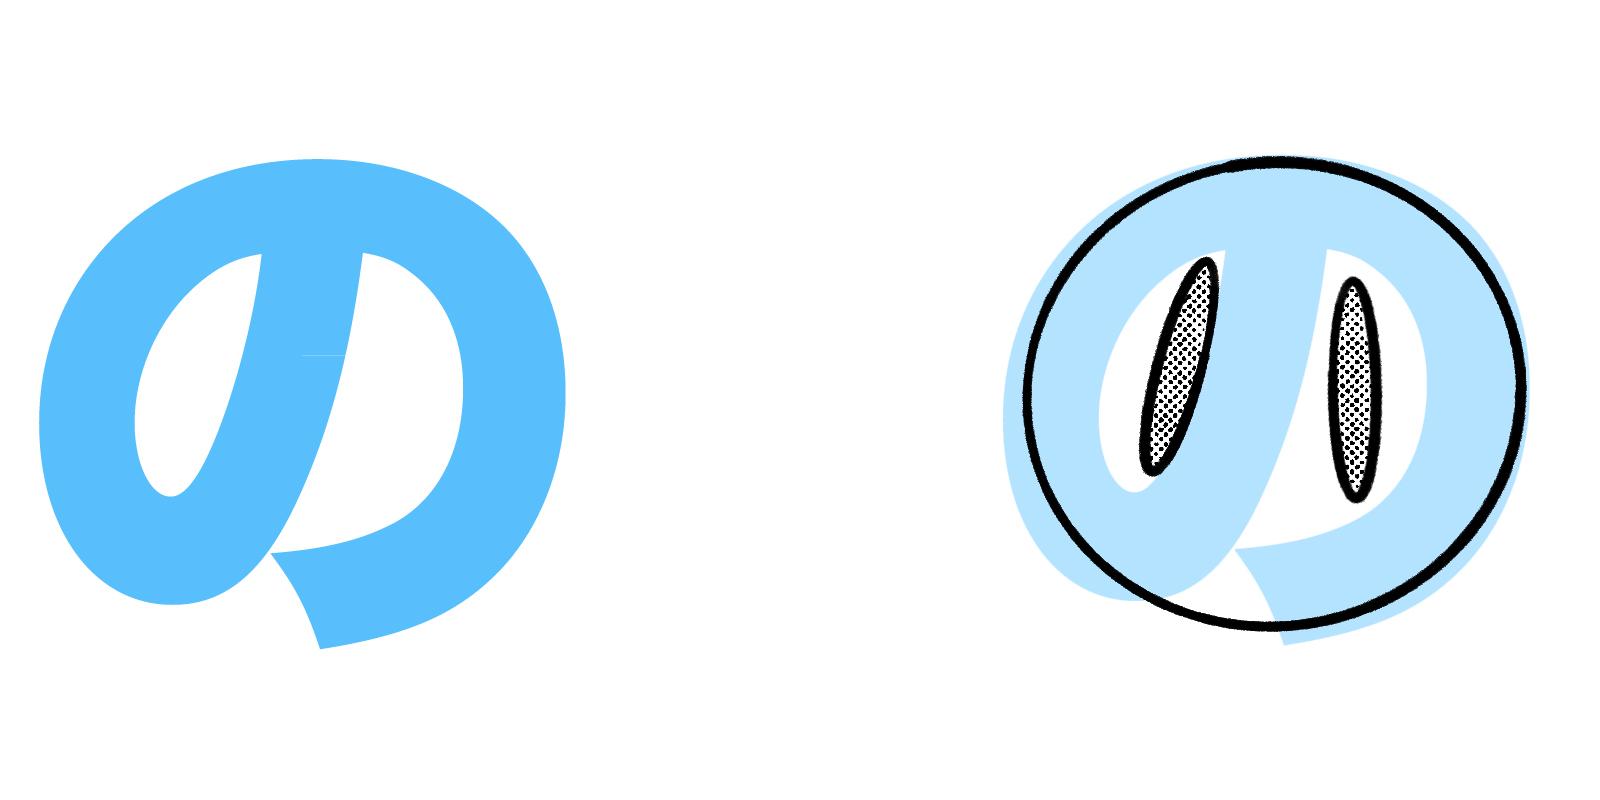 の hiragana mnemonic